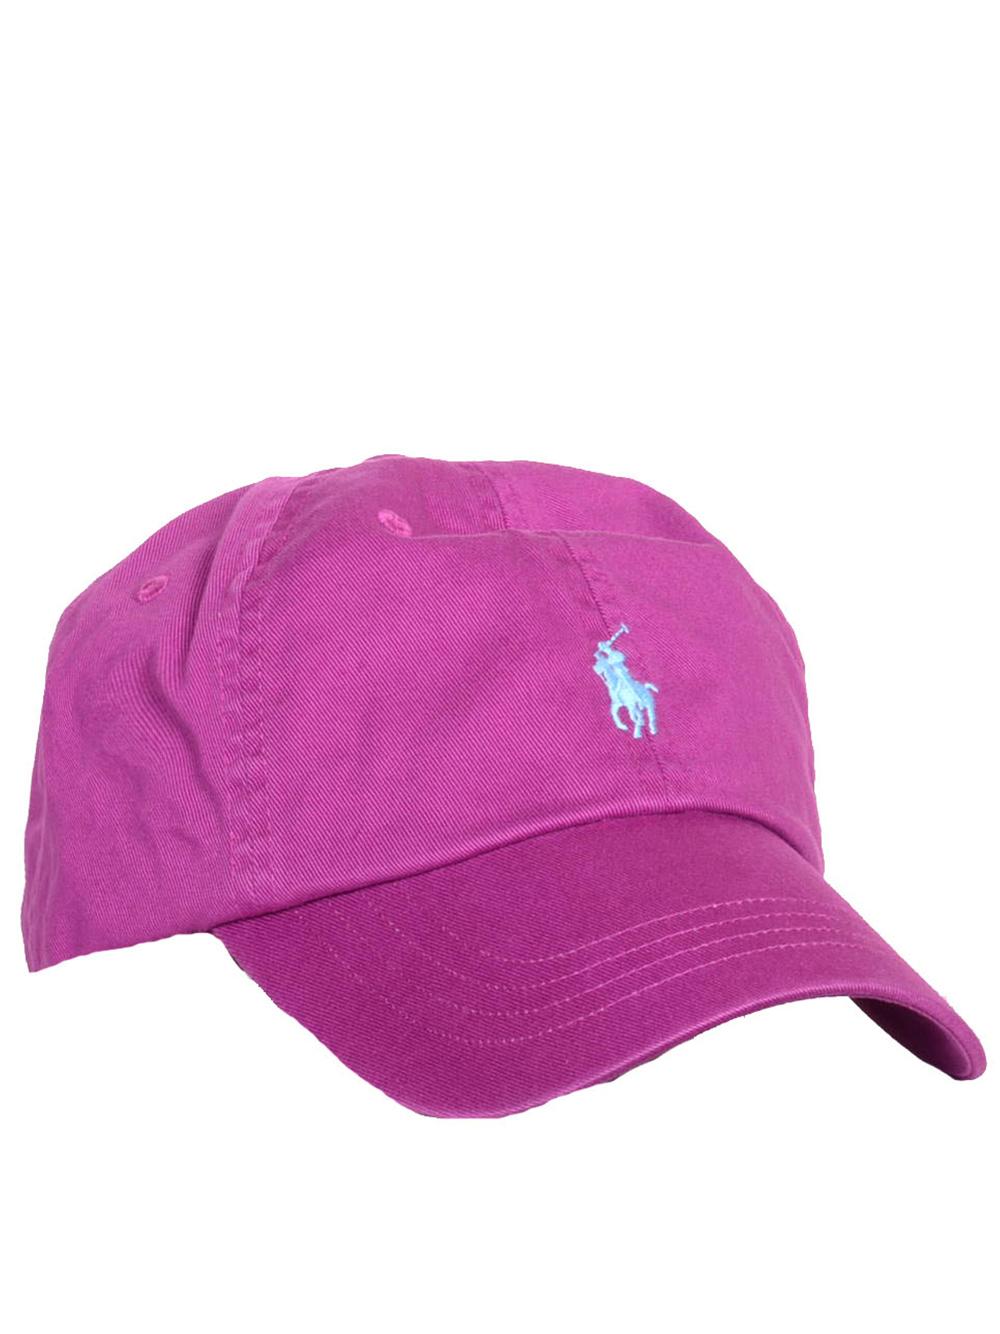 POLO RALPH LAUREN Καπέλο jockey 710667709019 ΜΩΒ